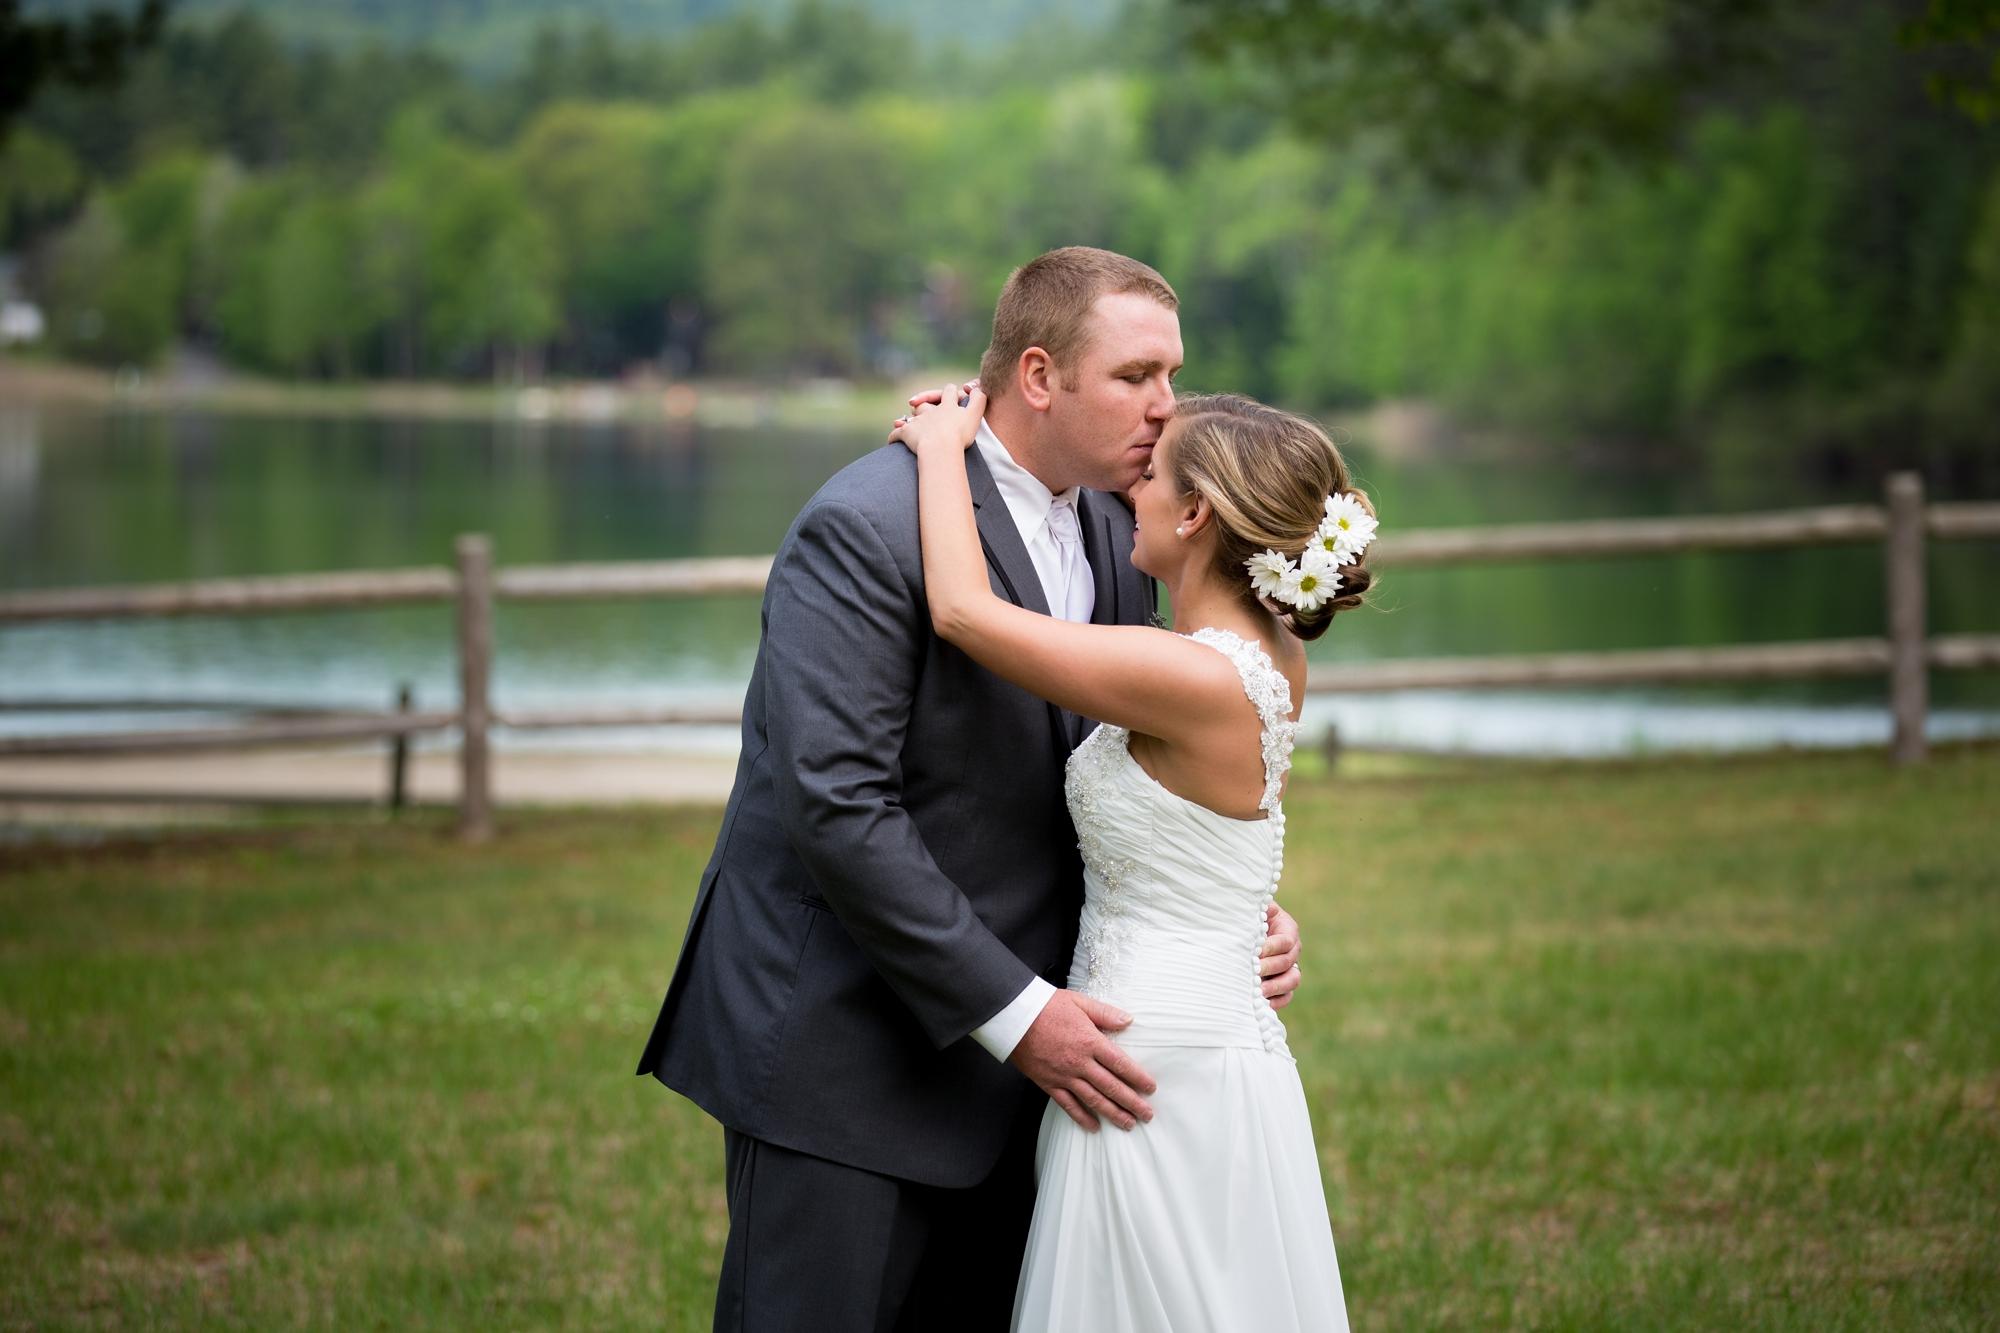 Albany NY Wedding Photographer Justin Tibbitts Photography 2014 Best of Albany NY Weddings-491141112